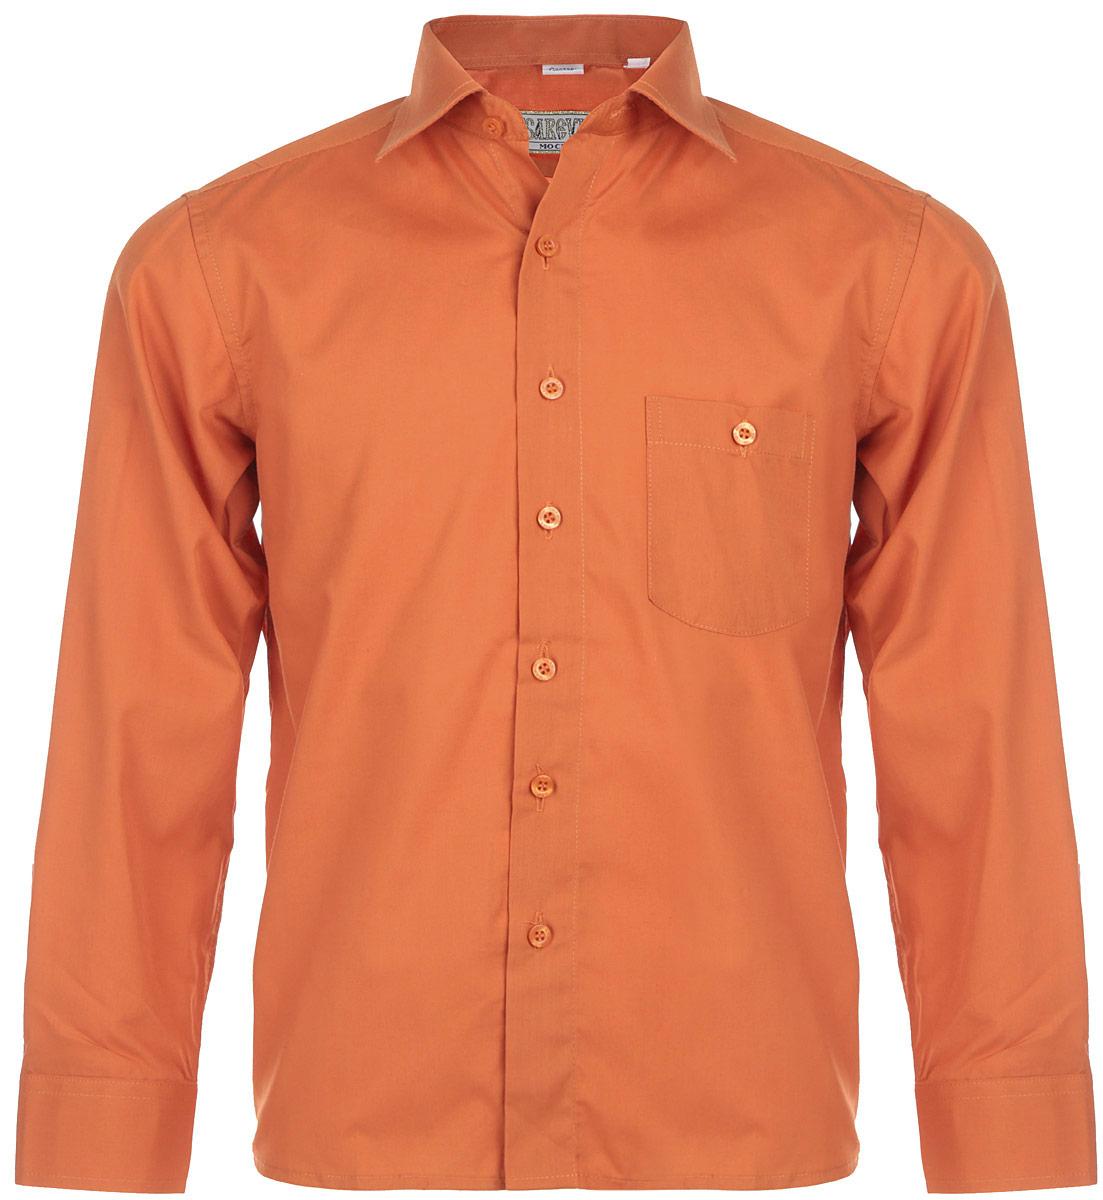 Рубашка для мальчика. KR-68KR-68Стильная рубашка для мальчика Tsarevich идеально подойдет вашему юному мужчине. Изготовленная из хлопка с добавлением полиэстера, она мягкая и приятная на ощупь, не сковывает движения и позволяет коже дышать, не раздражает даже самую нежную и чувствительную кожу ребенка, обеспечивая ему наибольший комфорт. Модель классического кроя с длинными рукавами и отложным воротничком застегивается по всей длине на пуговицы. На груди располагается накладной карман на пуговице. Края рукавов дополнены широкими манжетами на пуговицах. Такая рубашка будет прекрасно смотреться с брюками и джинсами. Она станет неотъемлемой частью детского гардероба.